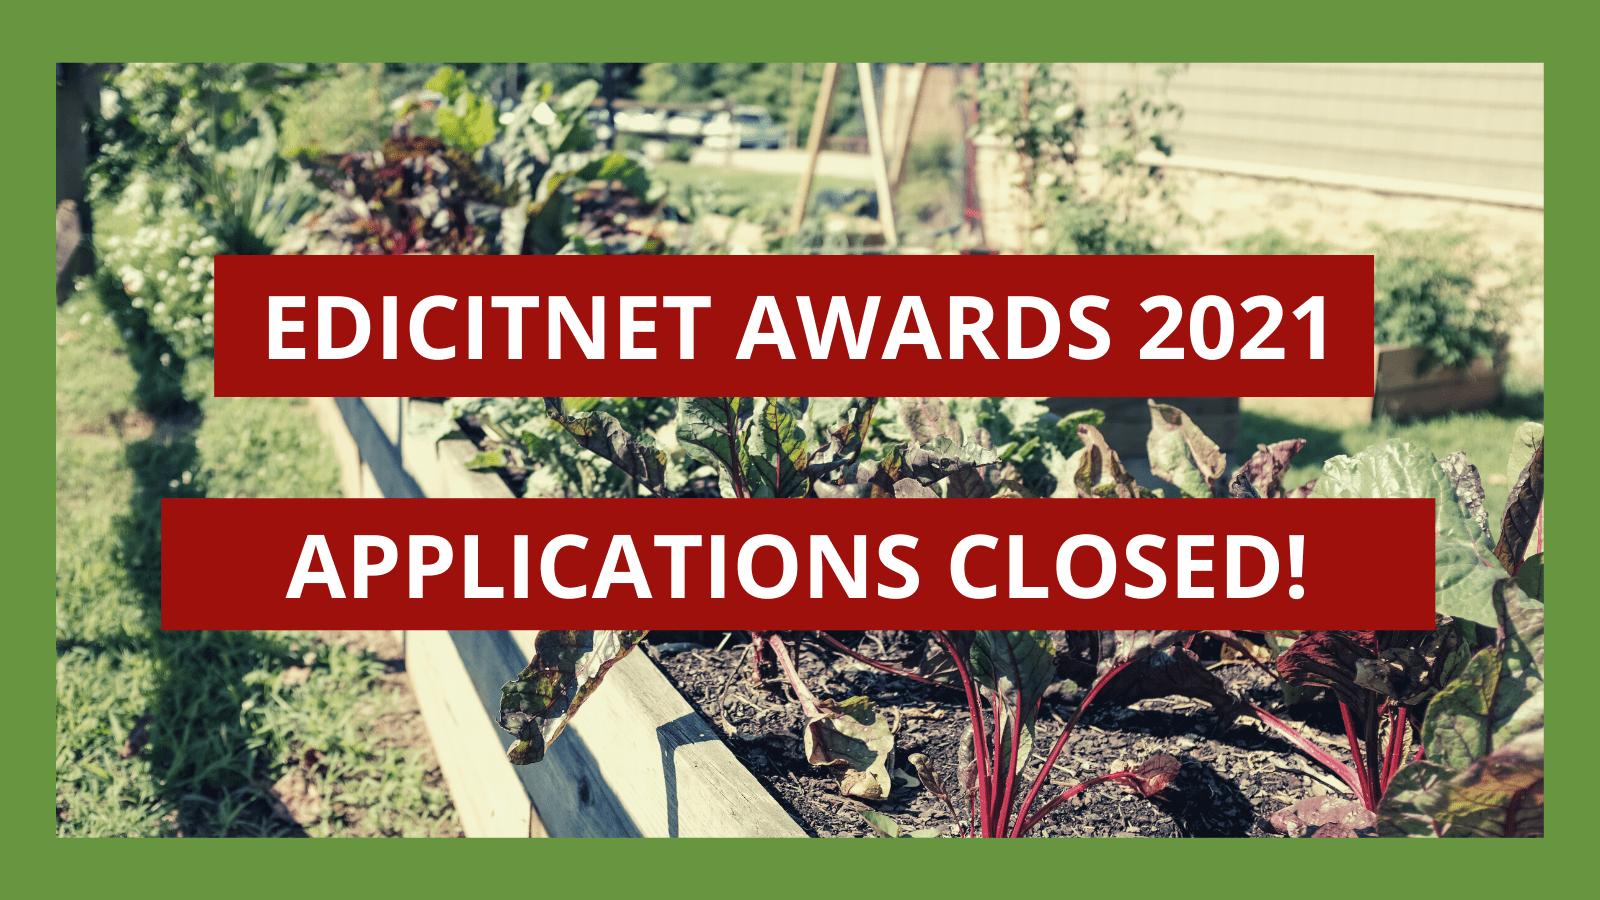 EDICITNET AWARDS 2021